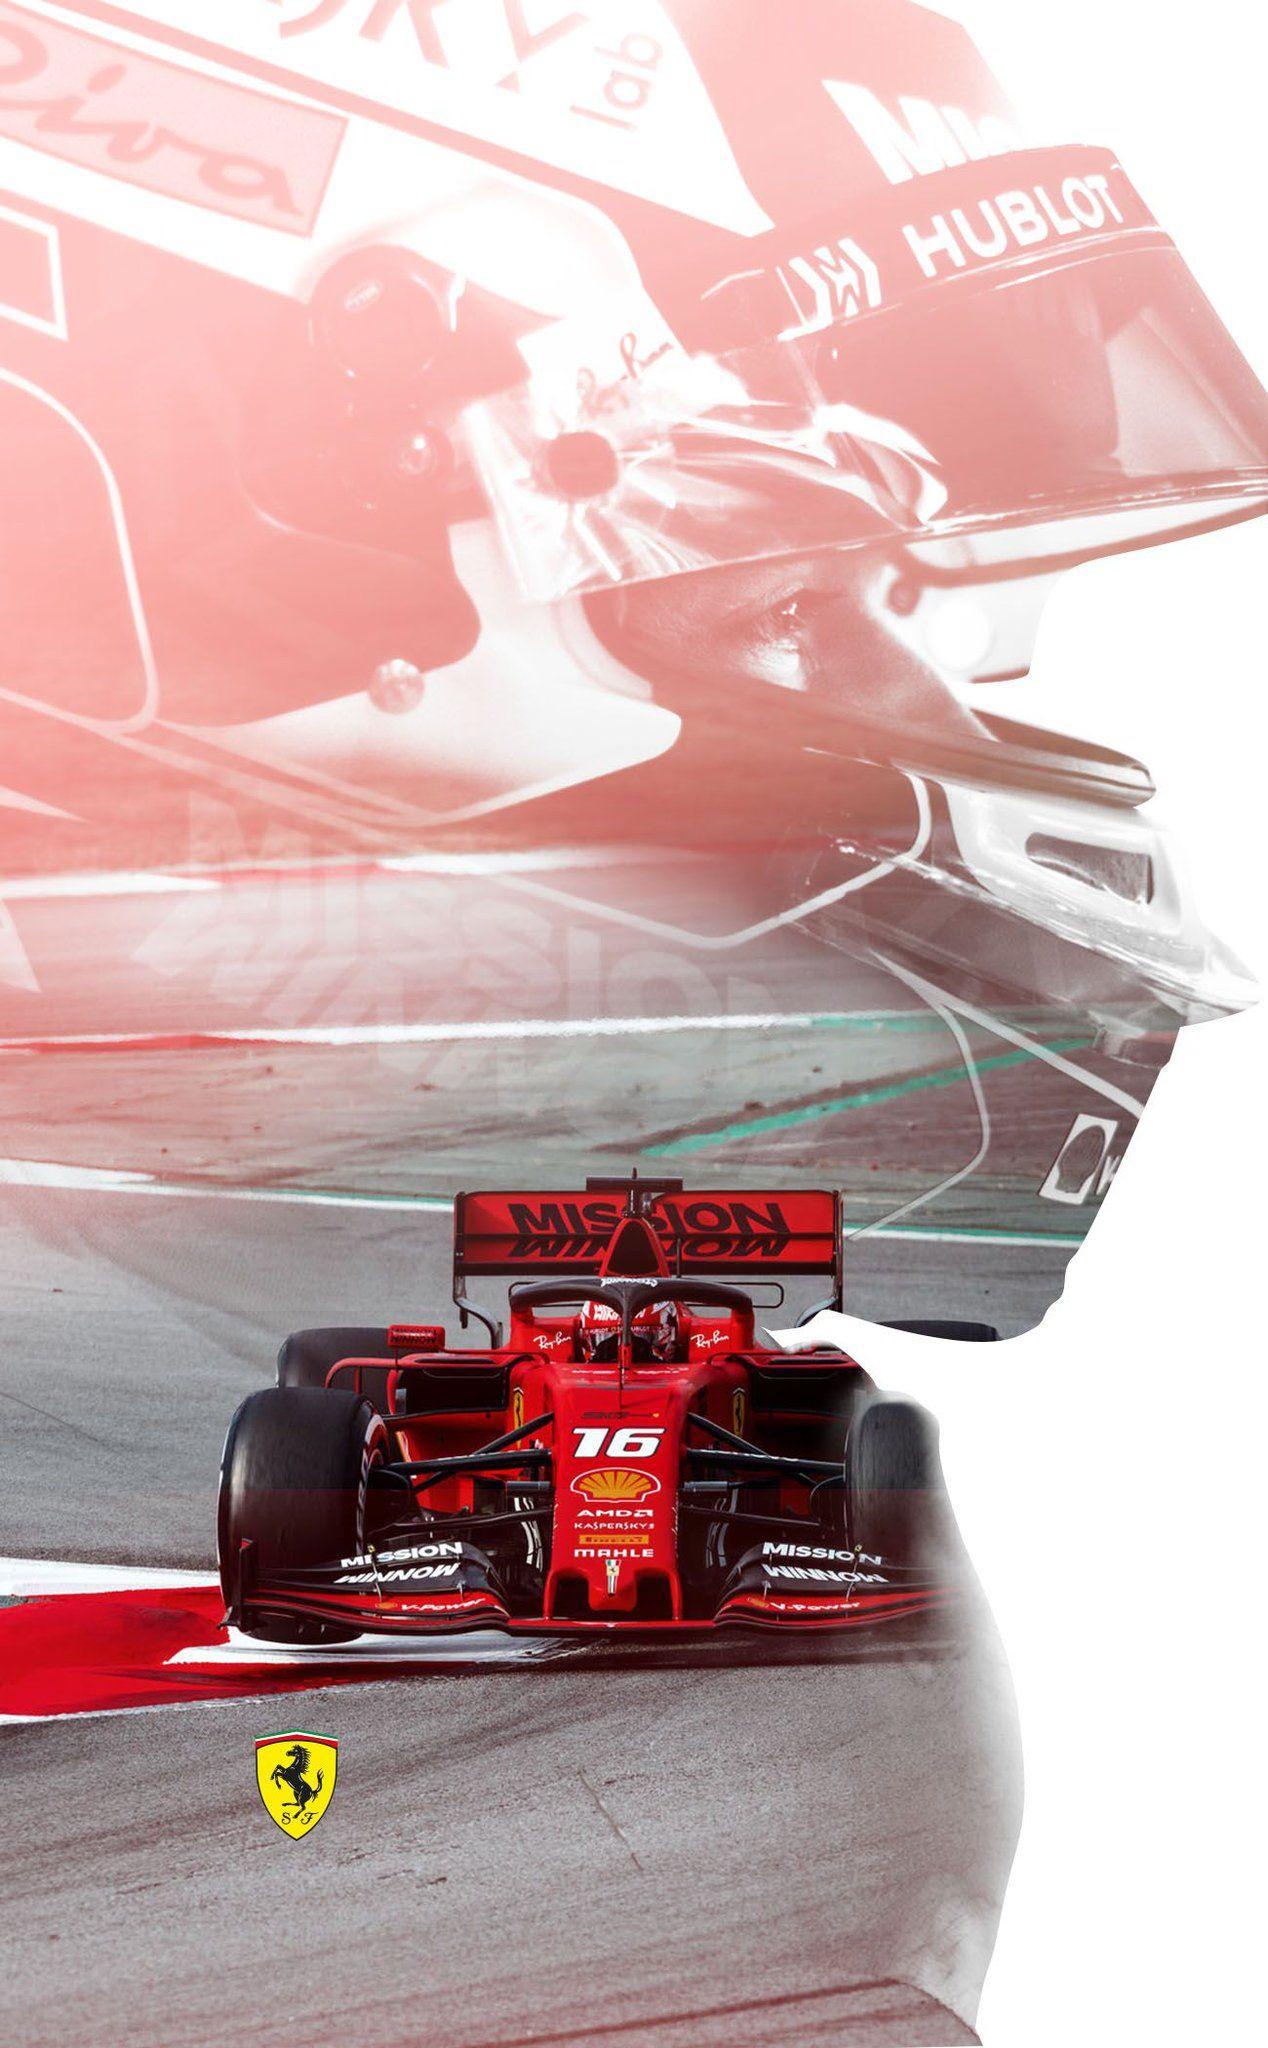 Scuderia Ferrari On Con Immagini Auto Da Corsa Sfondi Auto